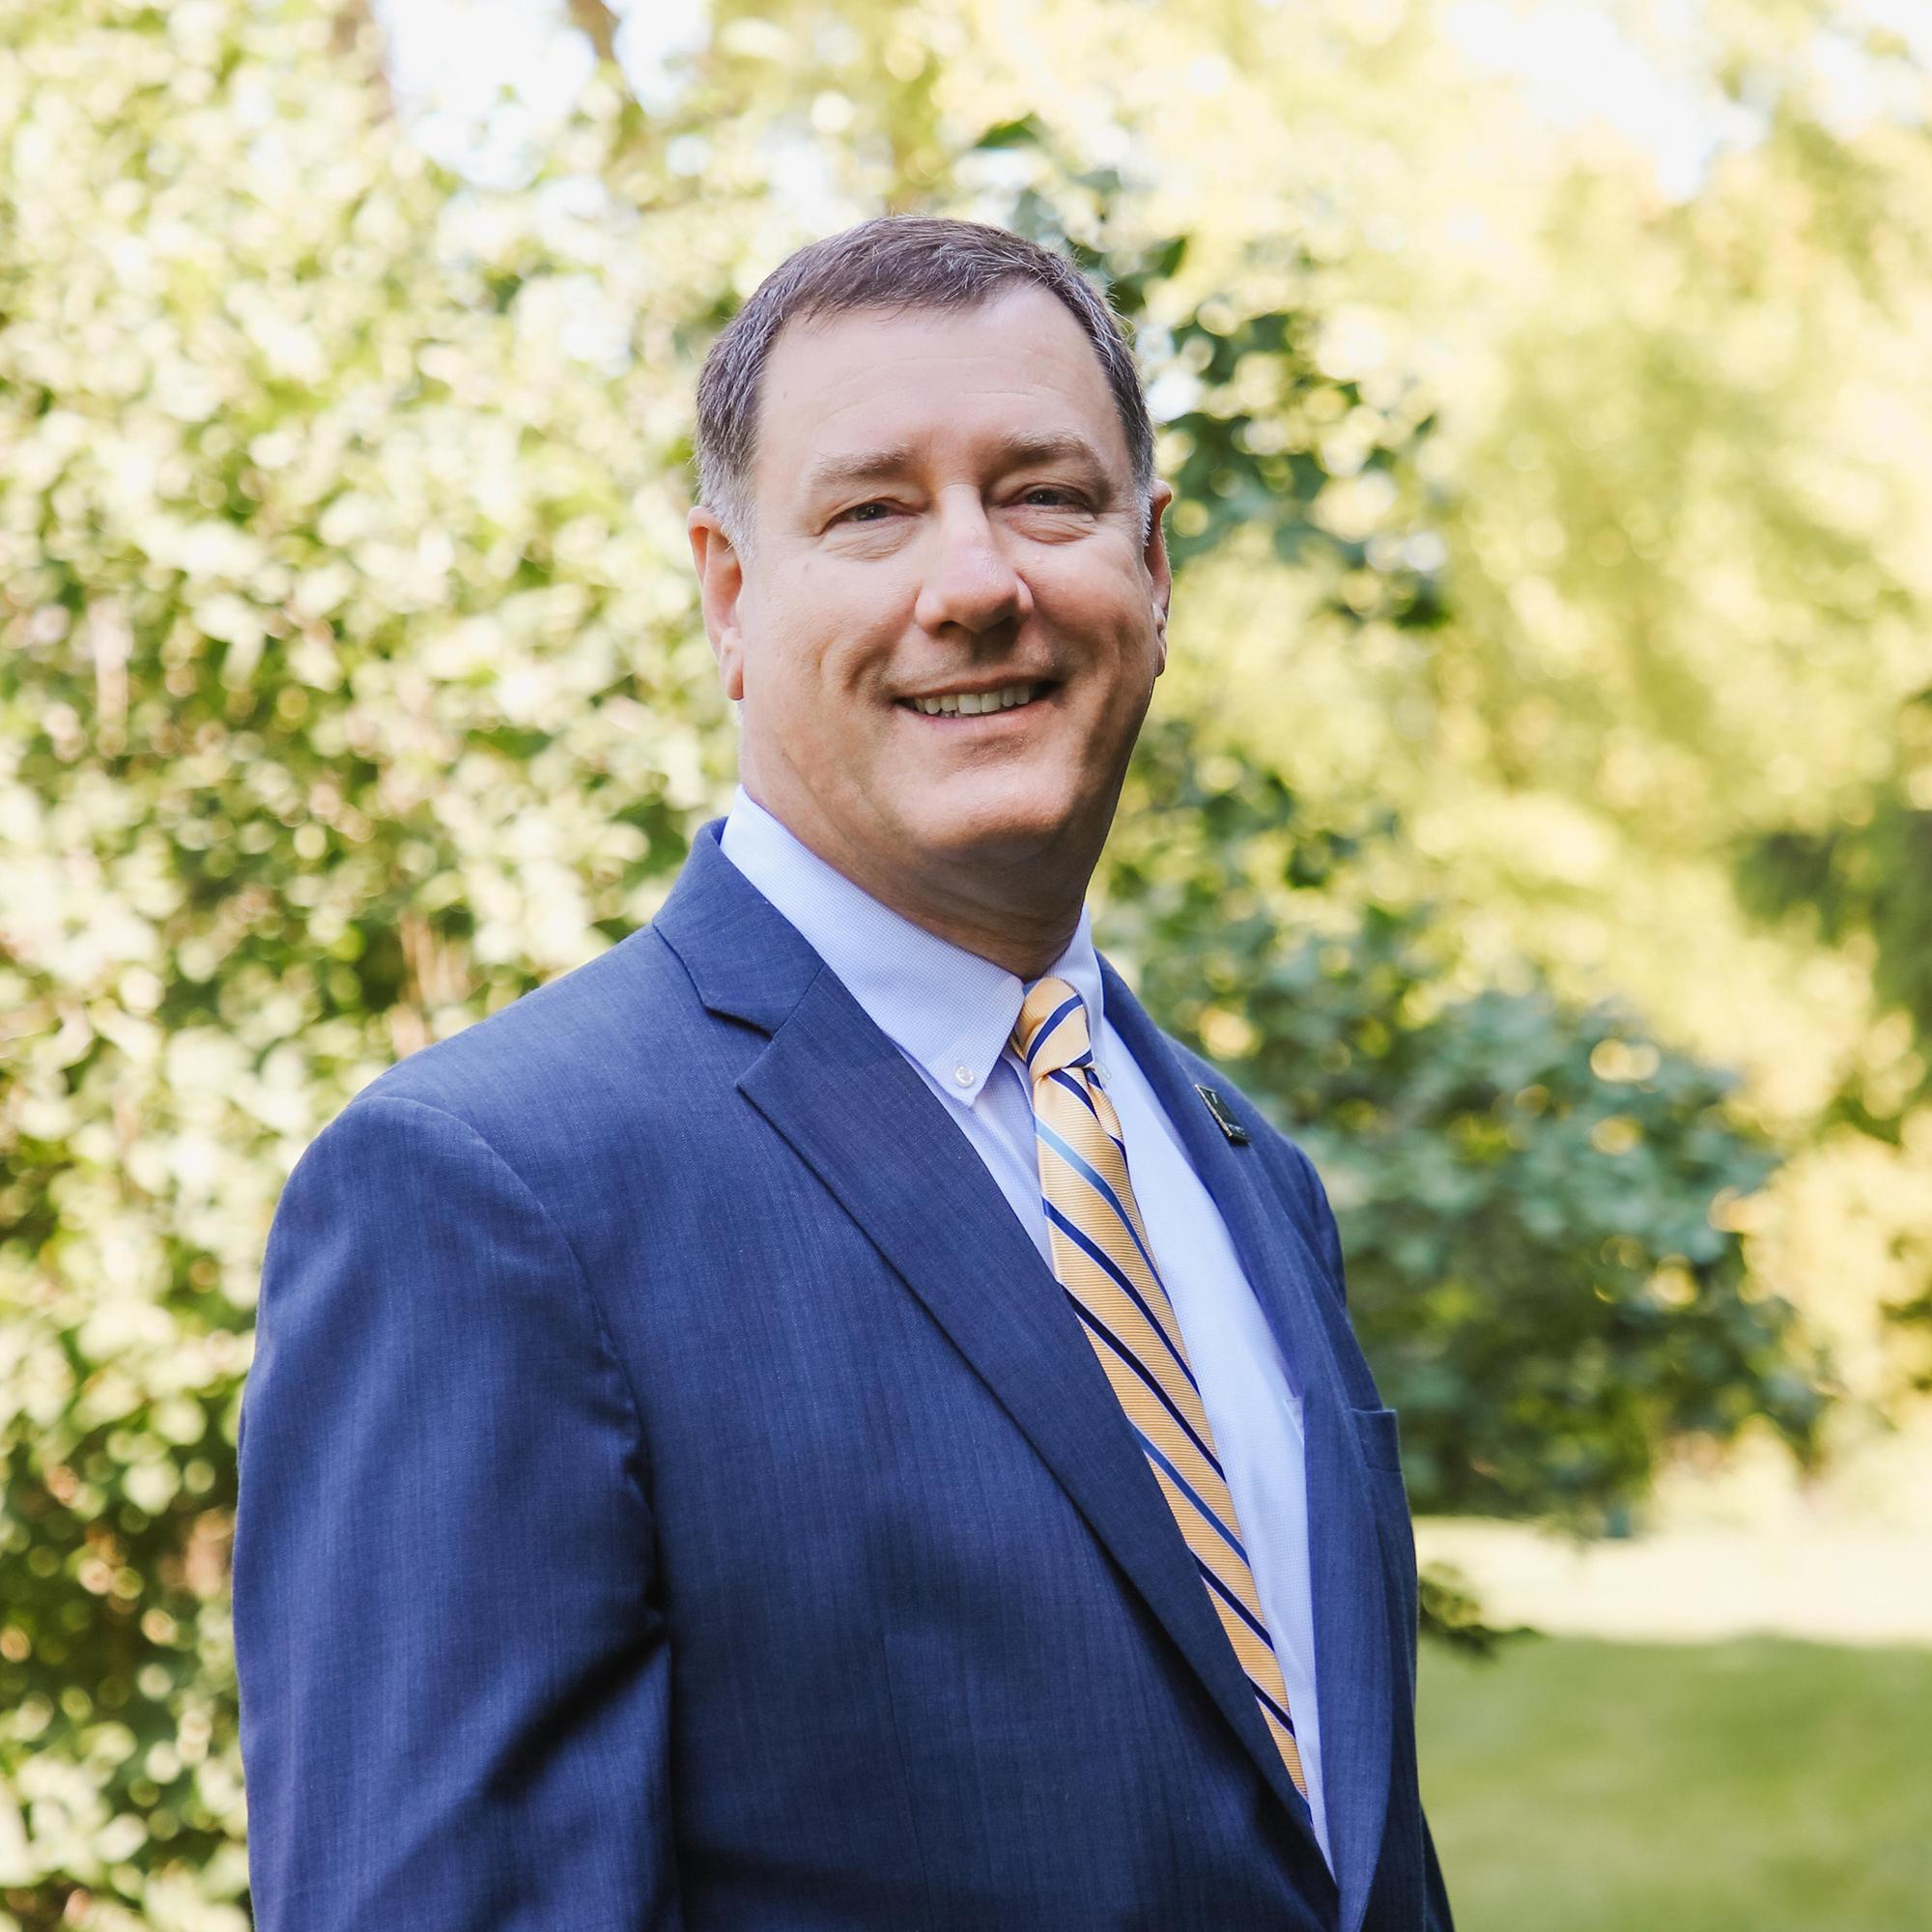 Dean Bruce Mueller